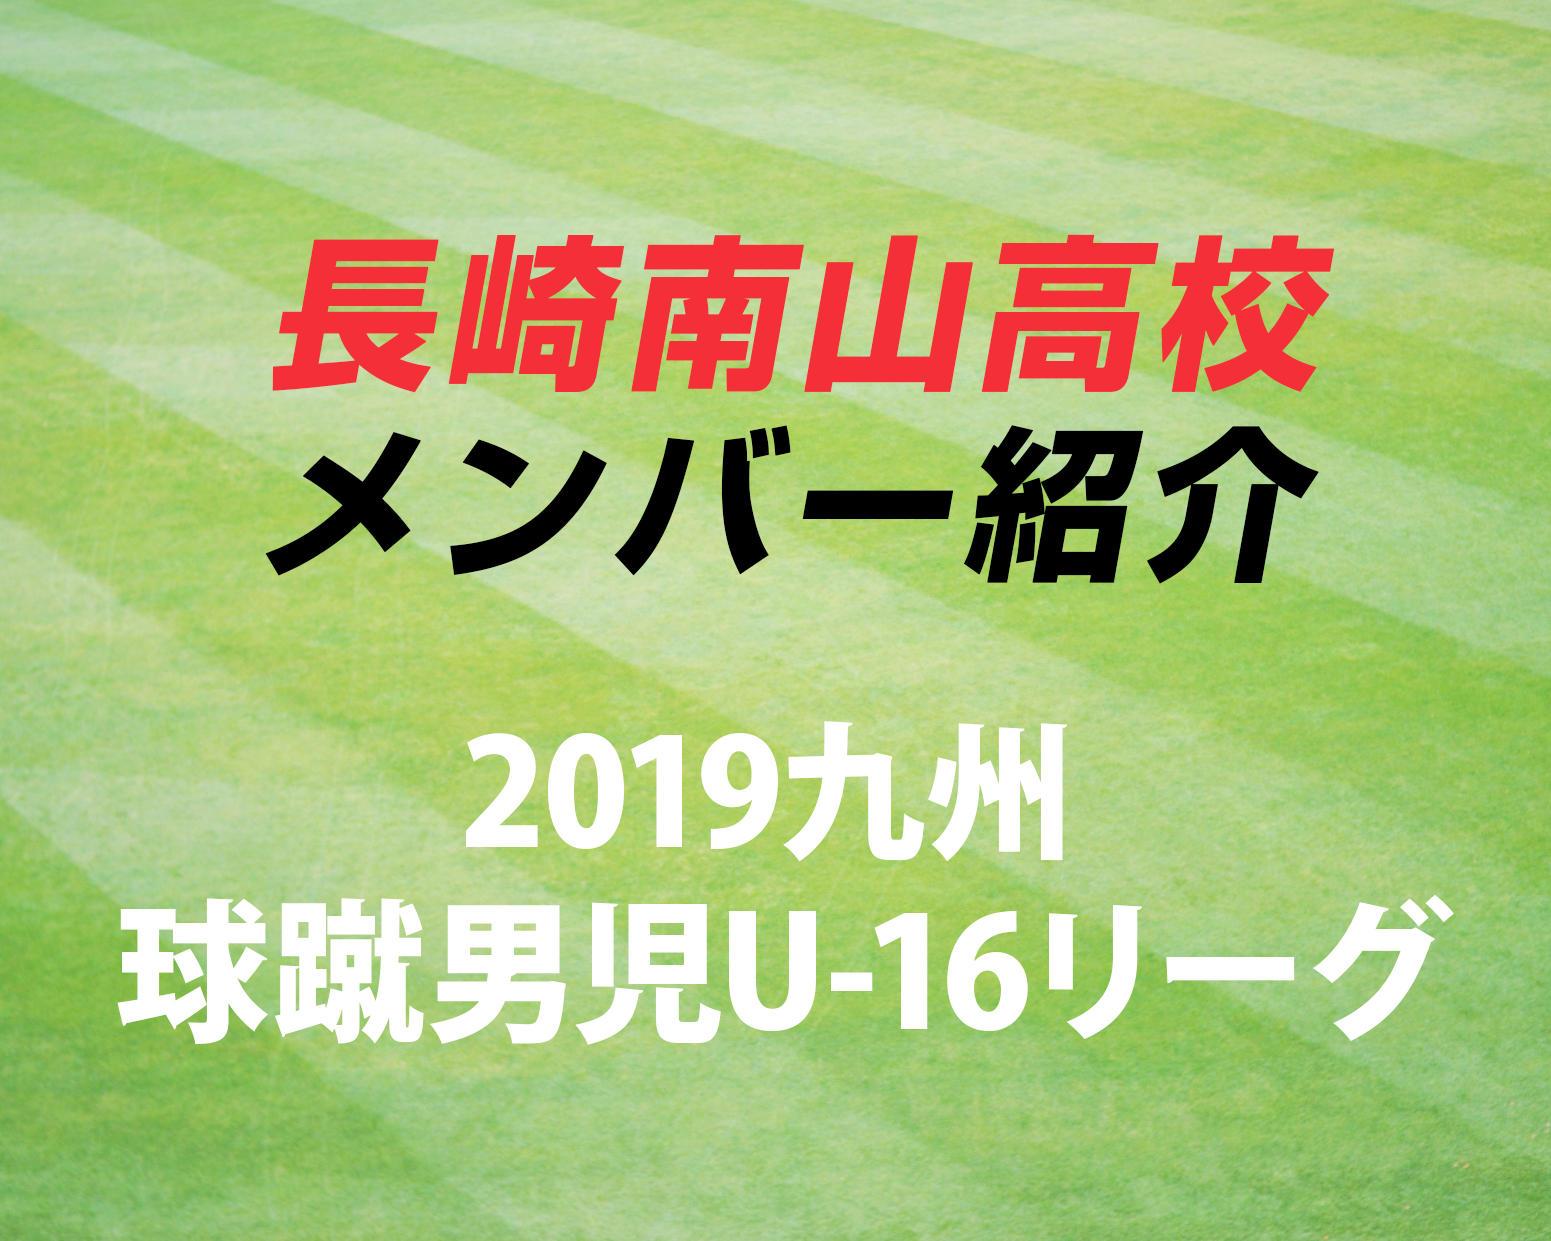 長崎の強豪・長崎南山高校サッカー部のメンバー紹介!(2019 球蹴男児U-16  D2リーグ)